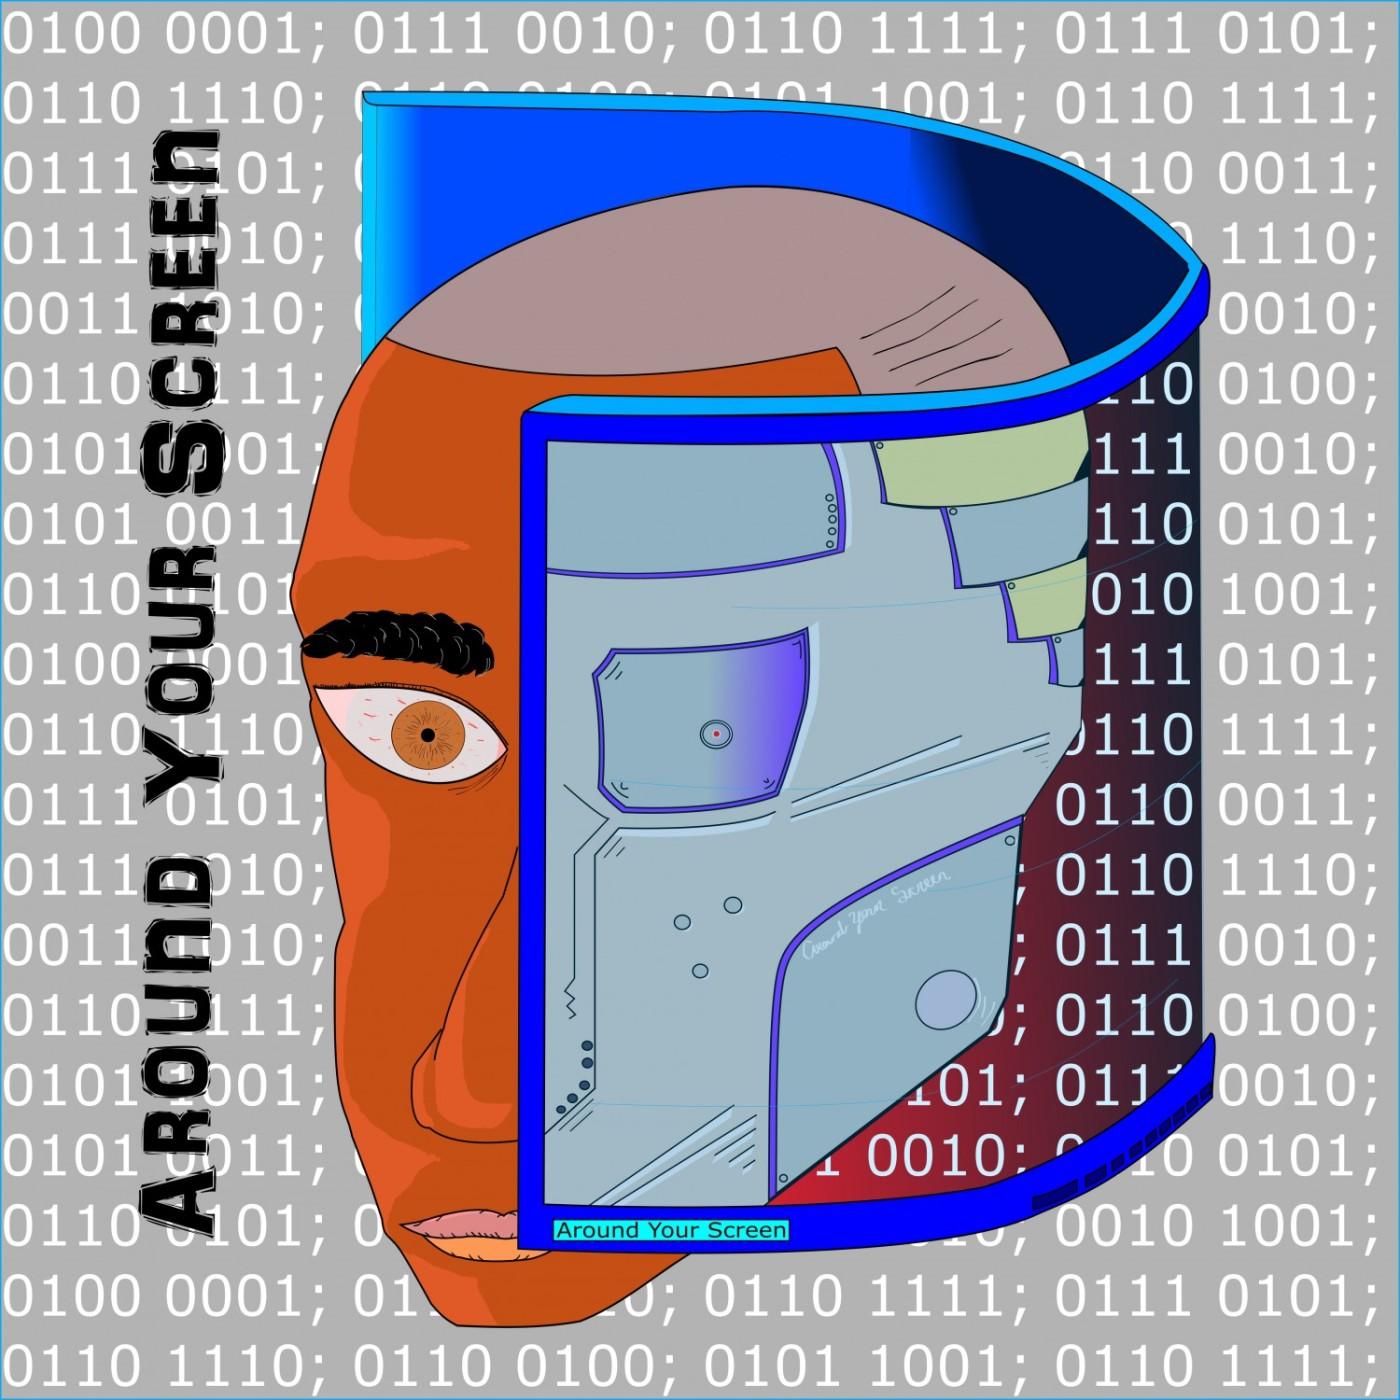 cropped-logo-construction-aroundyourscreen.jpg